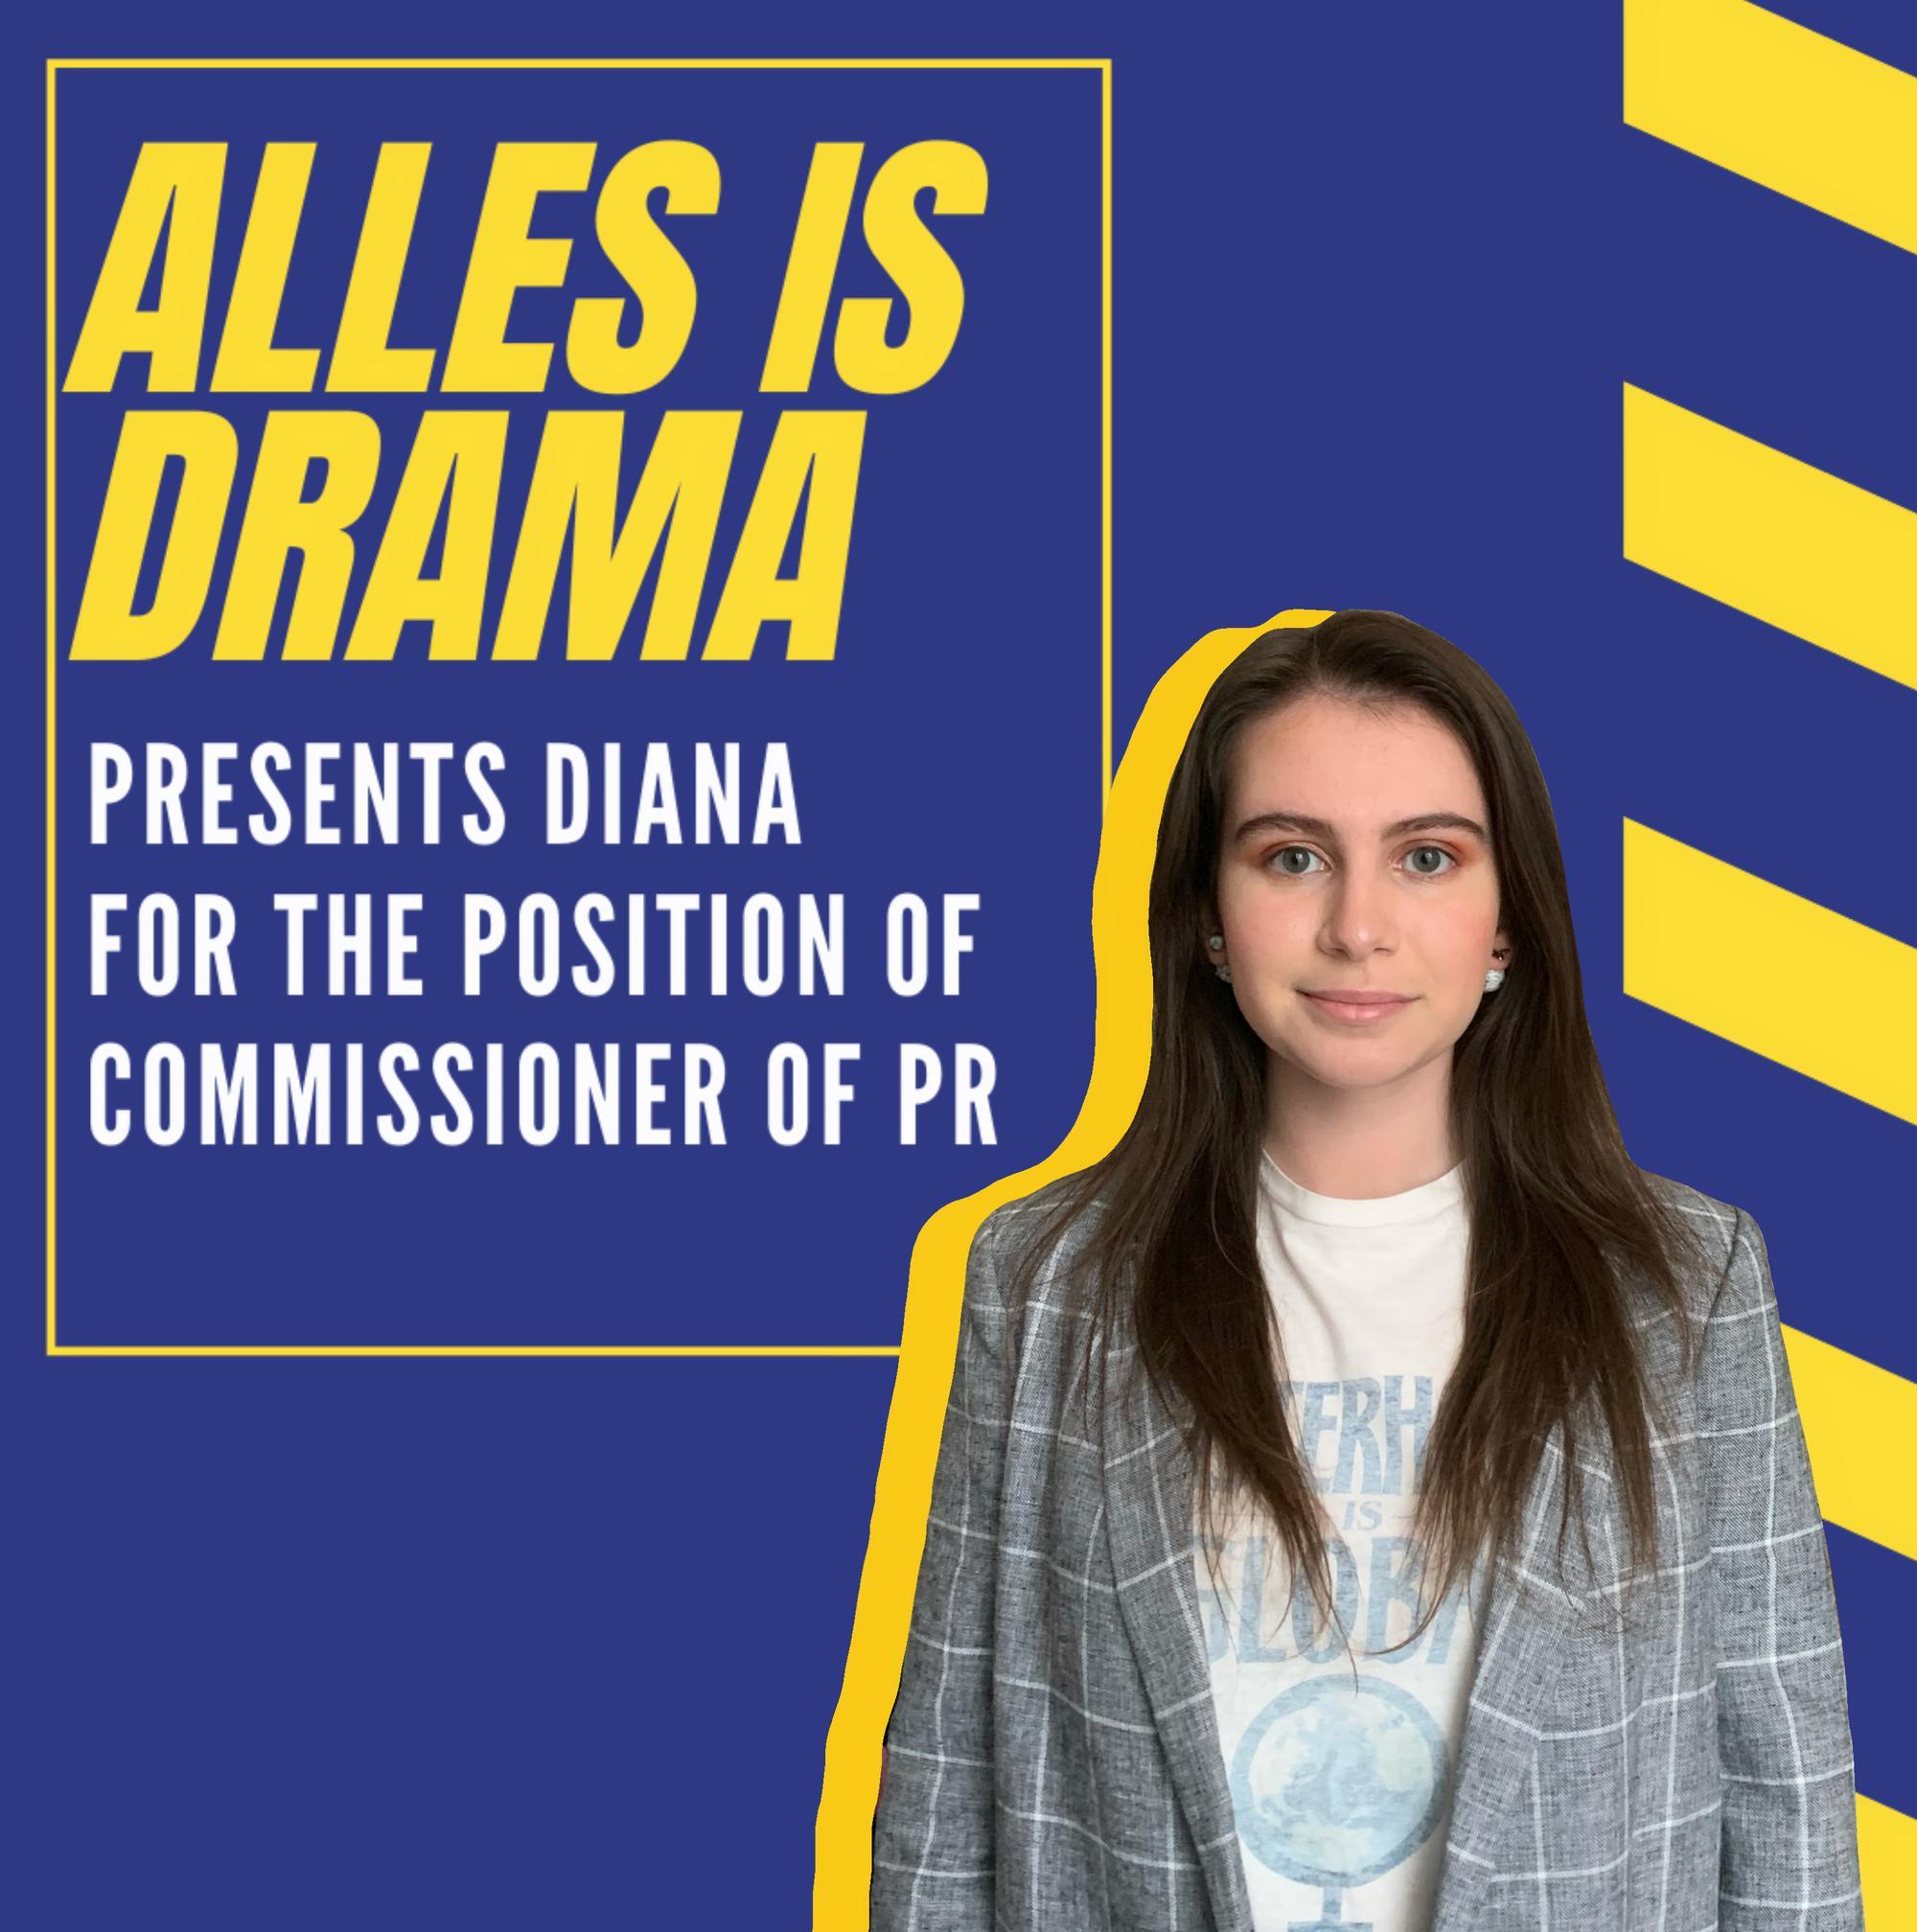 Diana_Promo_Board.JPG